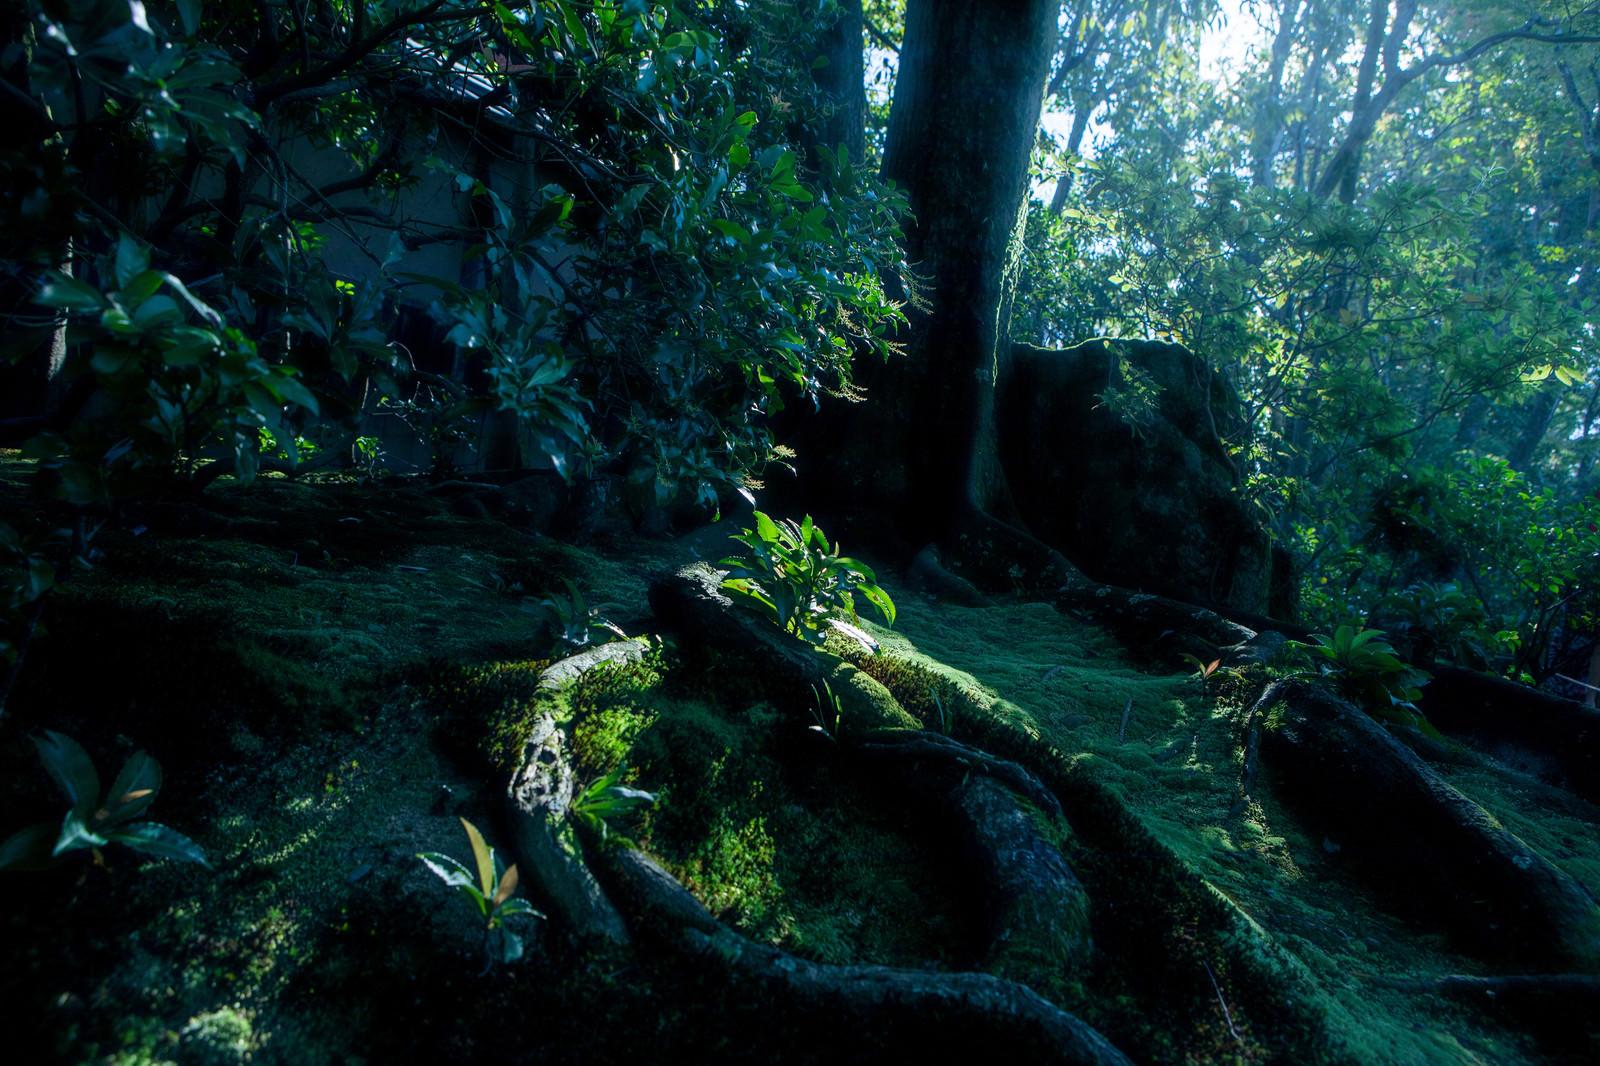 「苔生す地面に蛇のようにうねる根」の写真